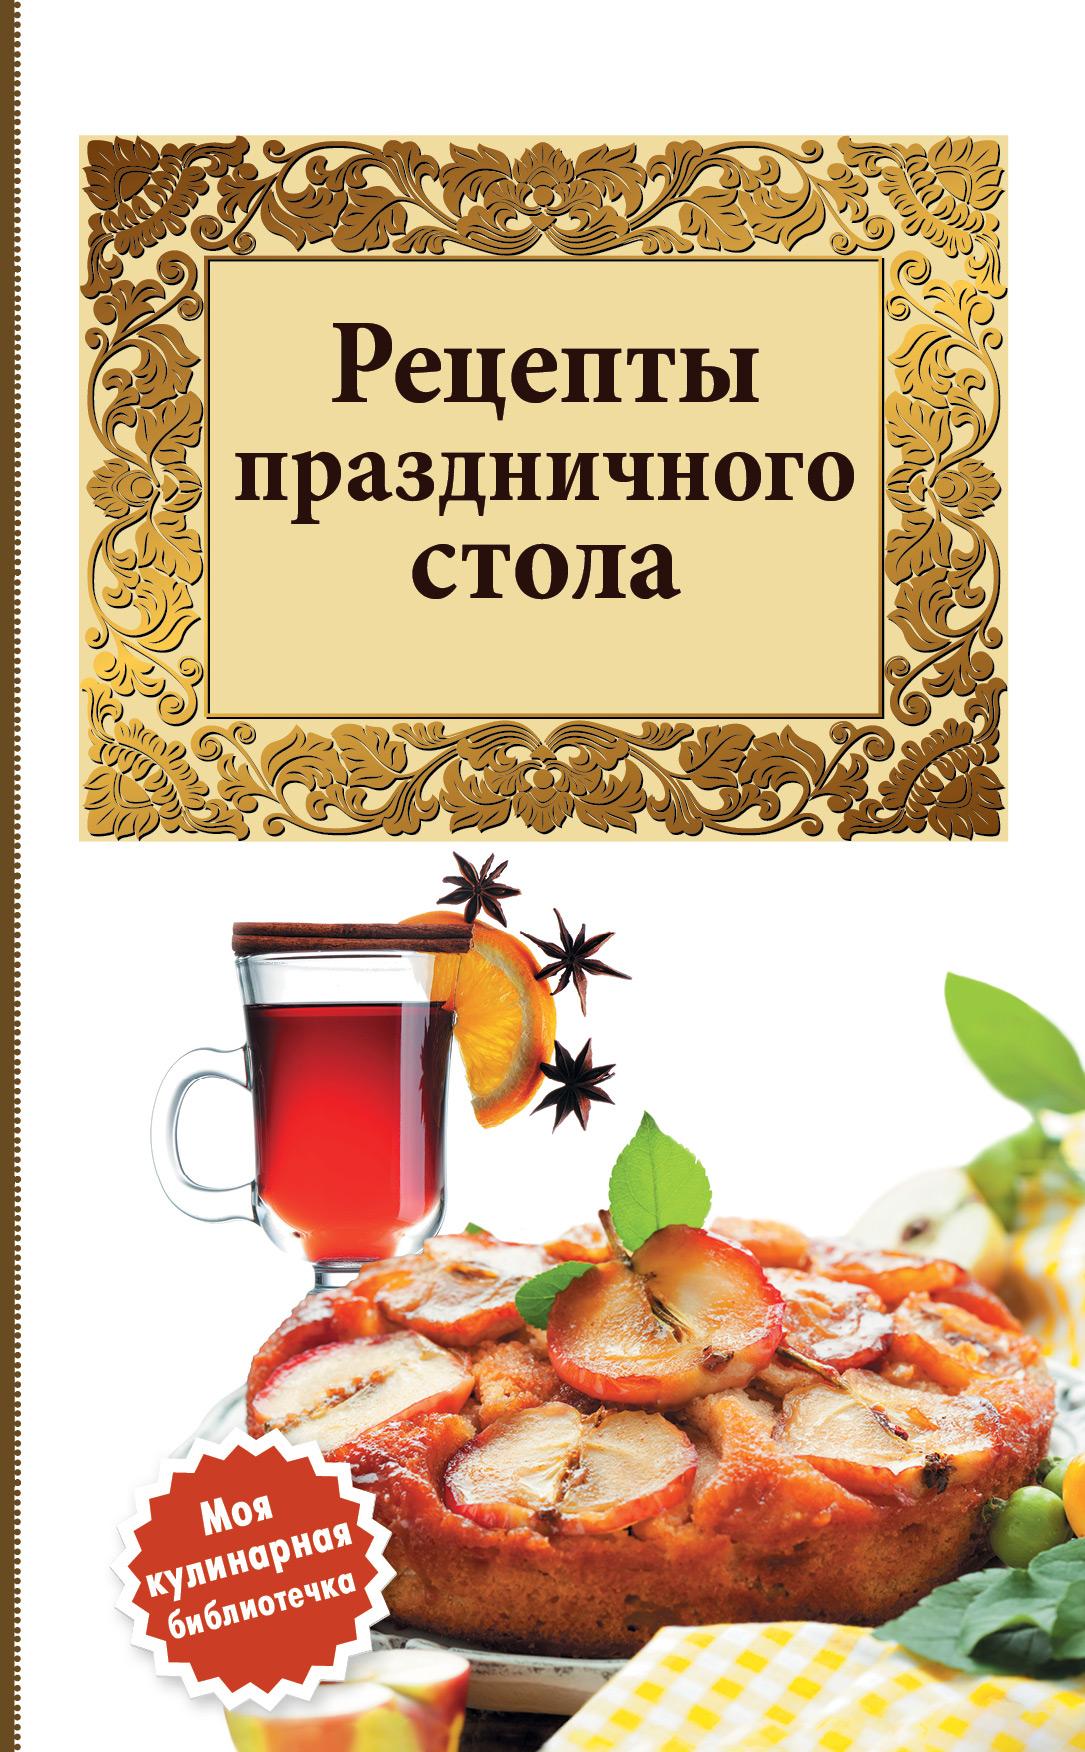 Сборник рецептов Рецепты праздничного стола событие и вещи